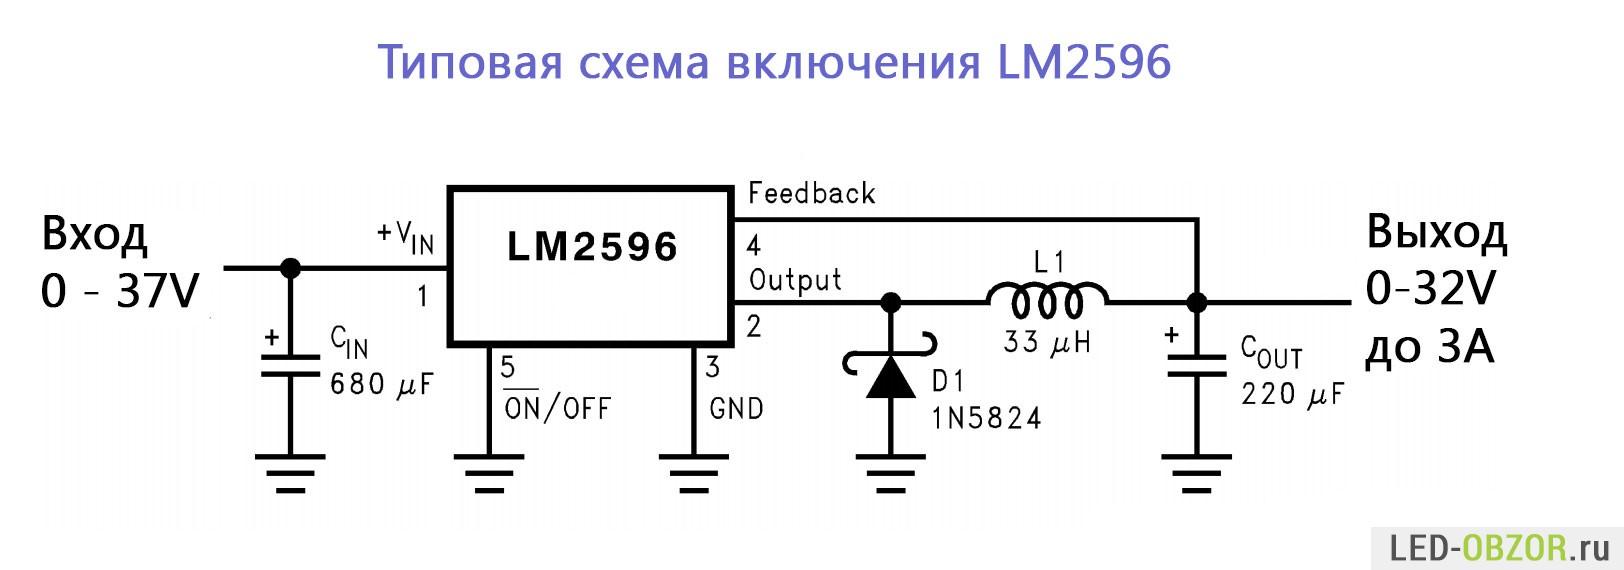 Светодиод от 220 вольт схема фото 449